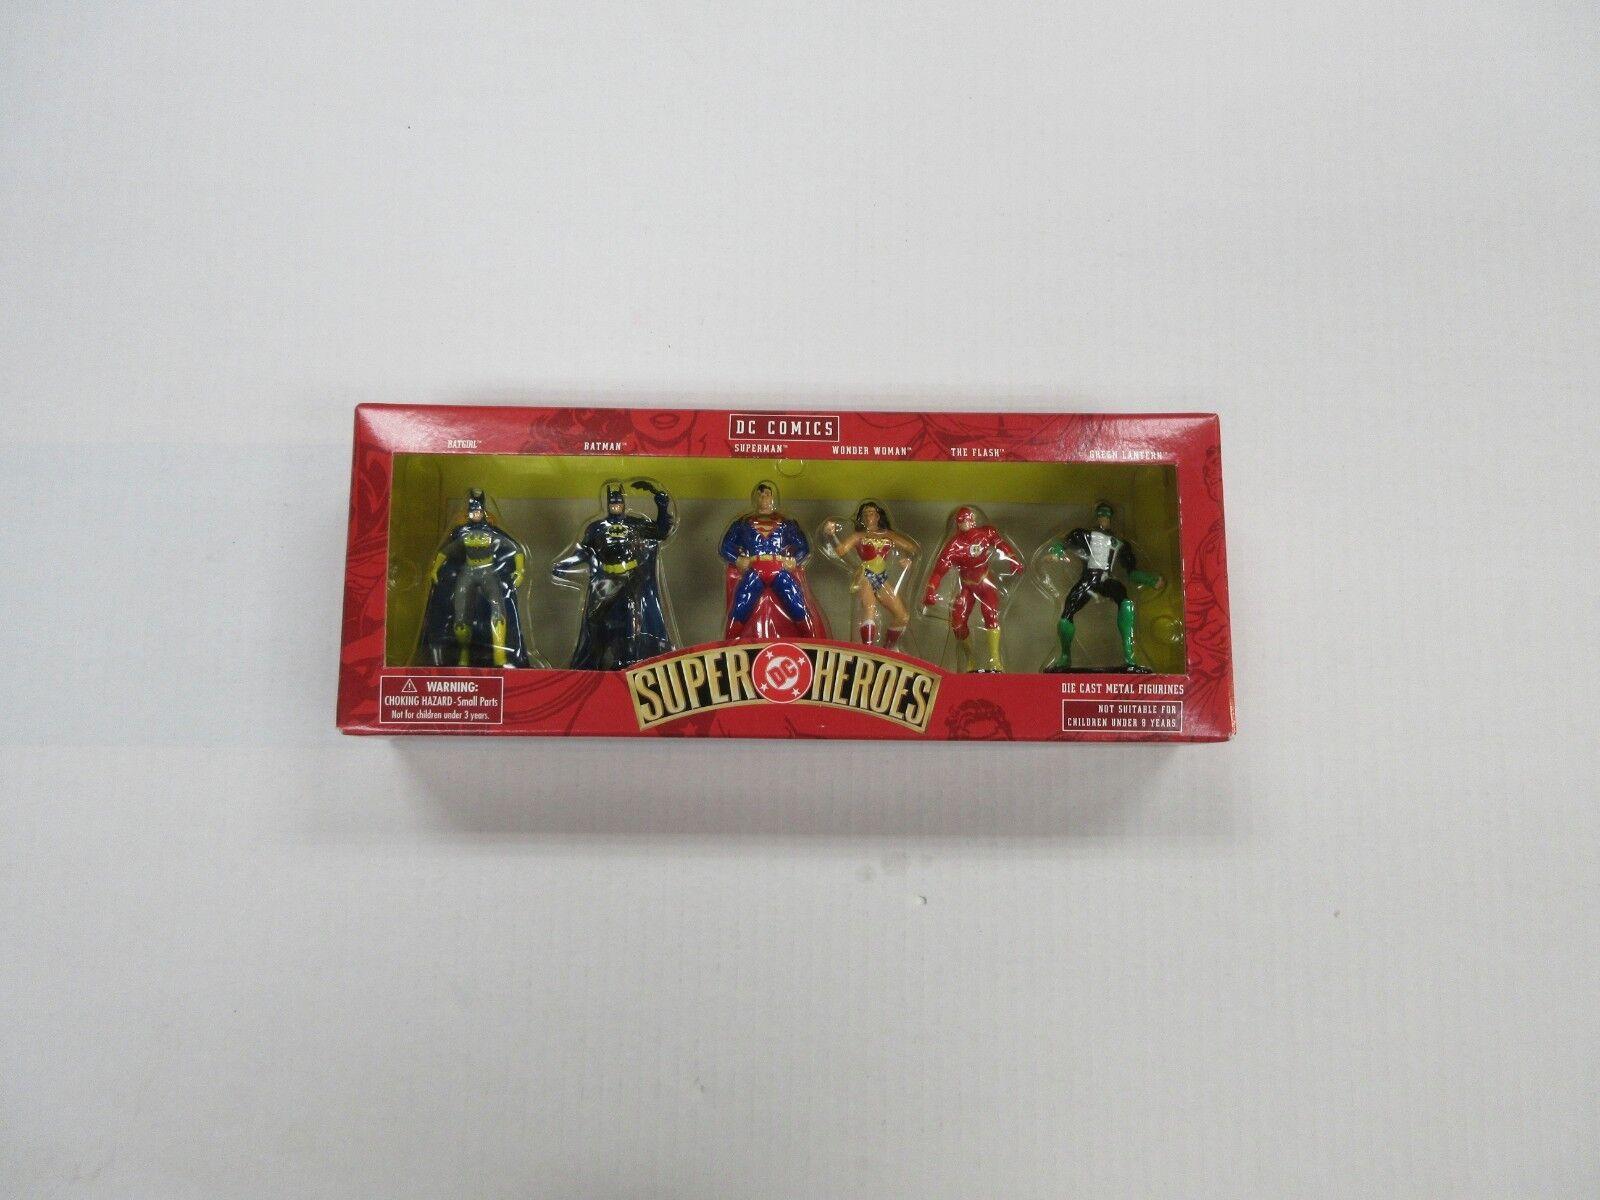 DC SUPER HEROES HEROES HEROES 6 DIE-CAST METAL FIGURINE FIGURE SET BATMAN FLASH ETC SEALED c6e55b